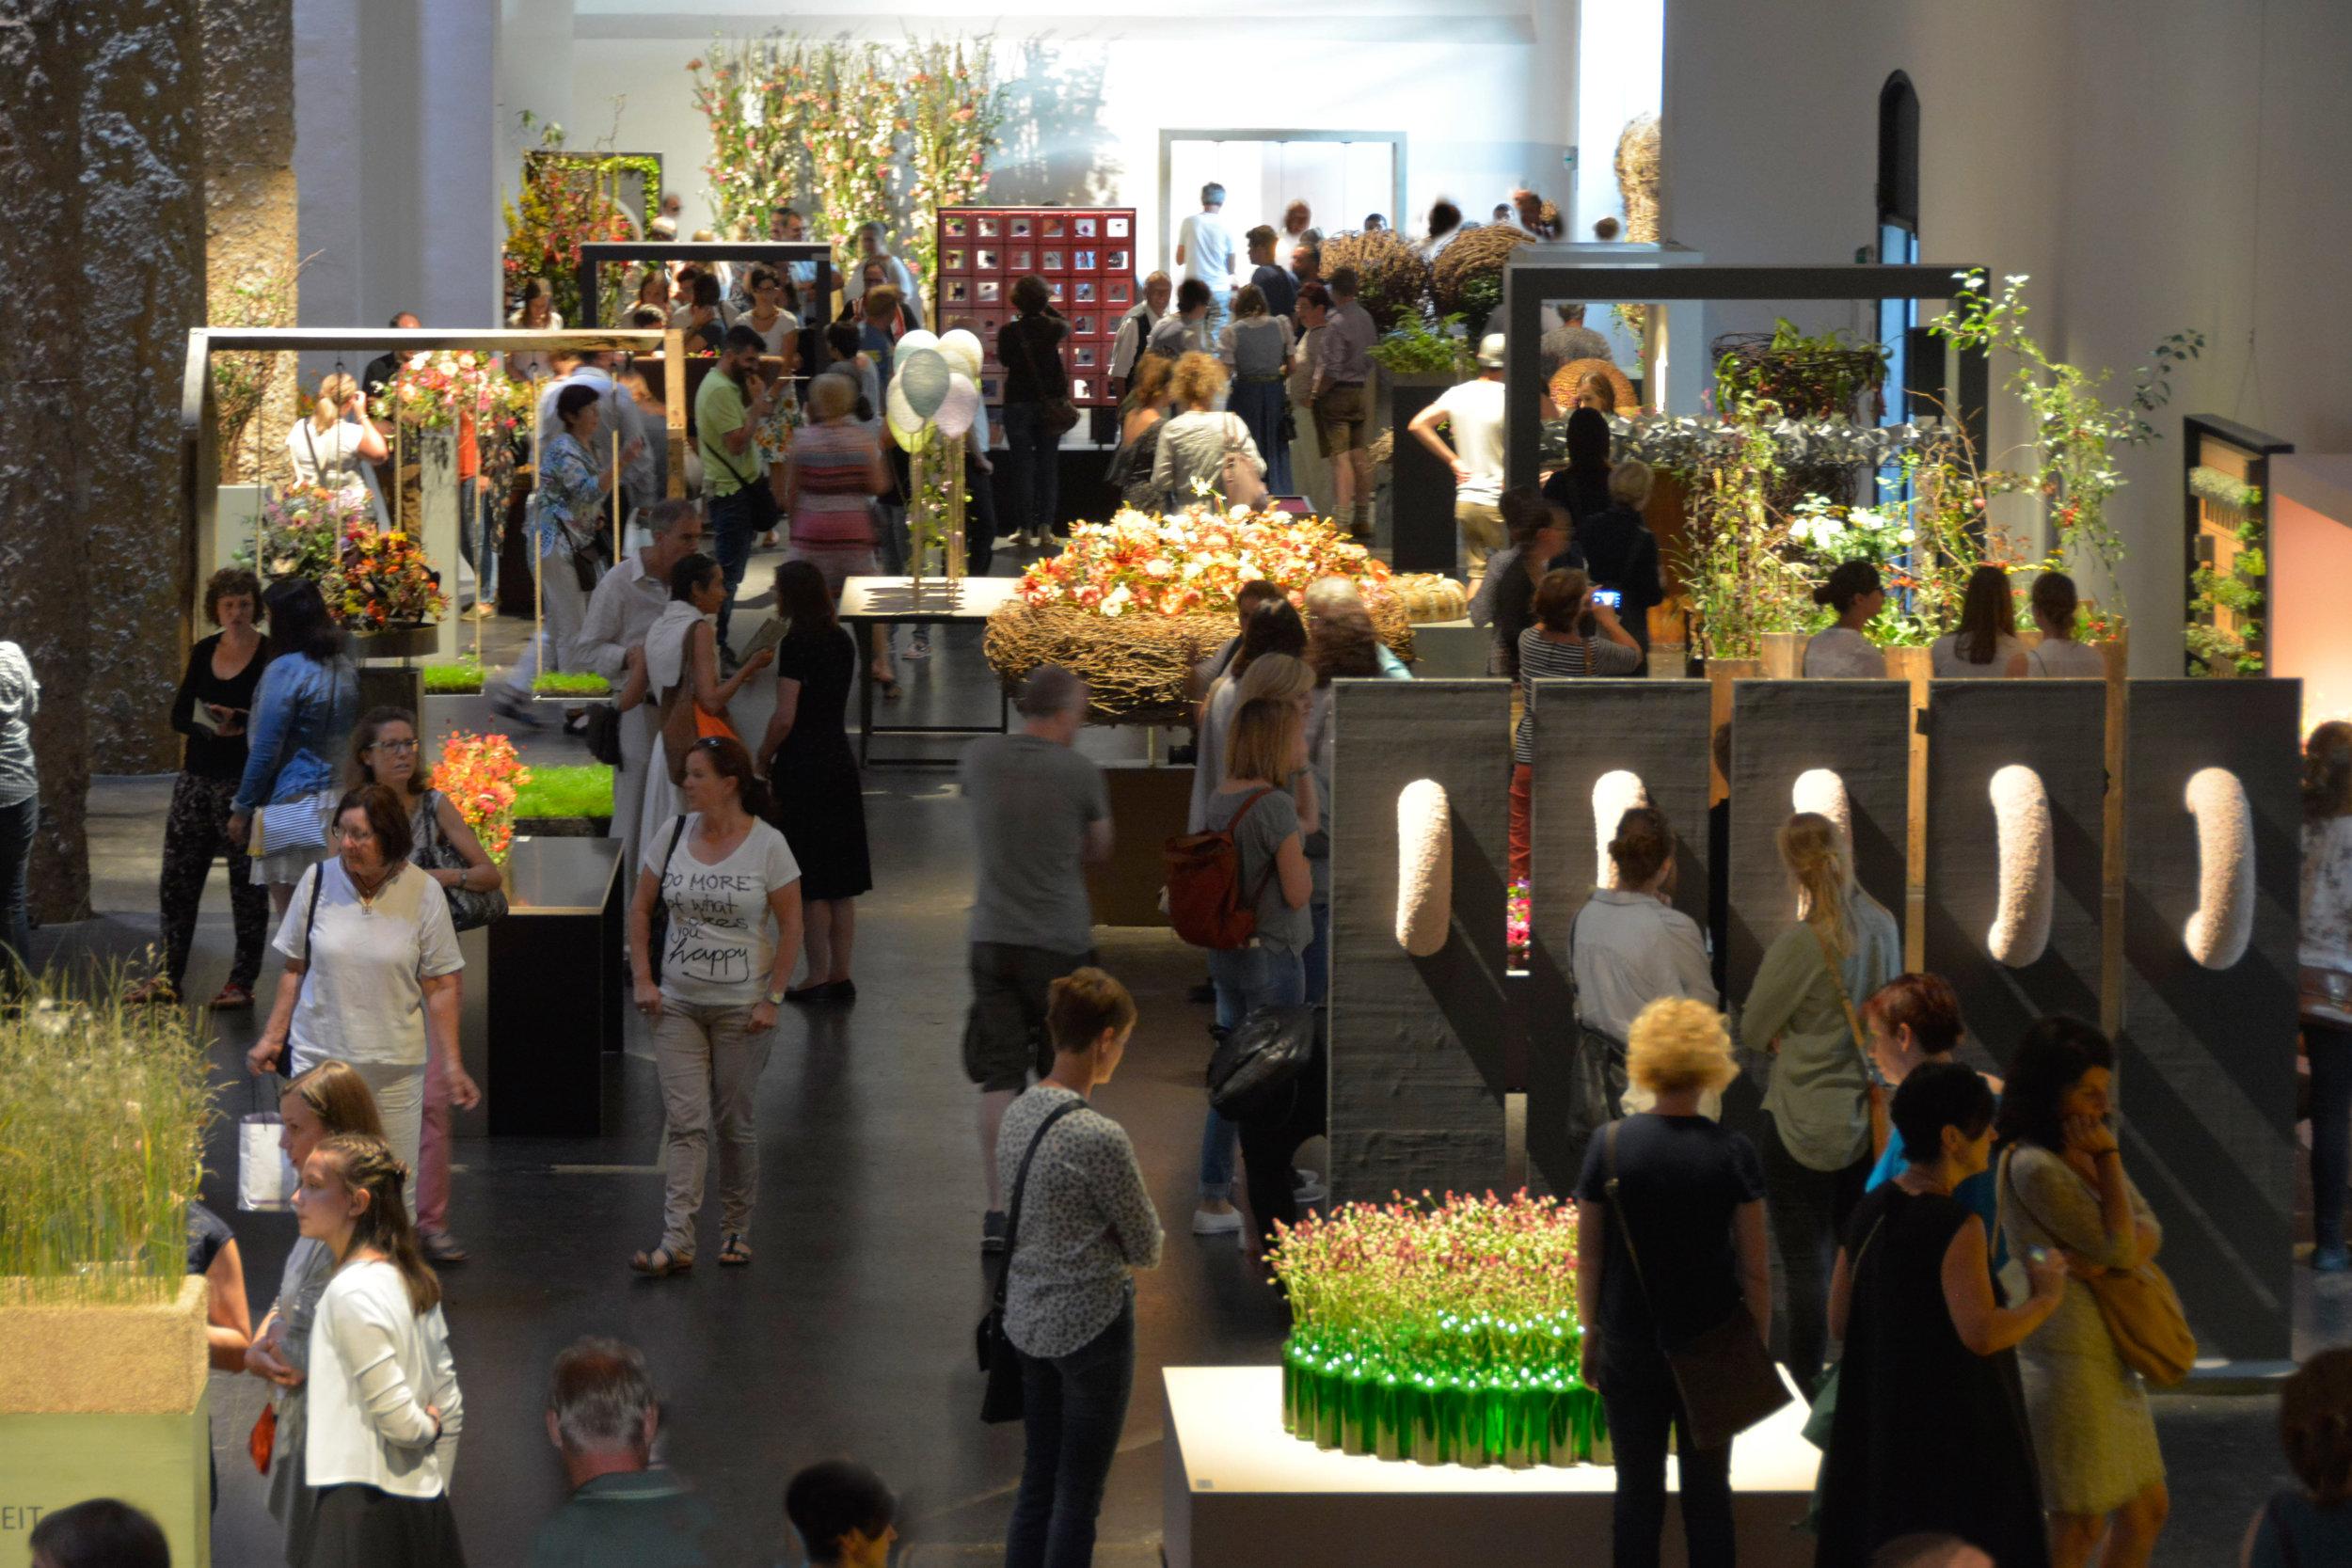 Besucherandrang an der Ausstellung im Salzlager in Hall/A: Tausende an Fachbesuchern liessen sich die einzigartige Ausstellung auf 1500m2 nicht entgehen und bestaunten die 150 Meisterwerke von Nicole von Boletzkys Meisterabsolventen.